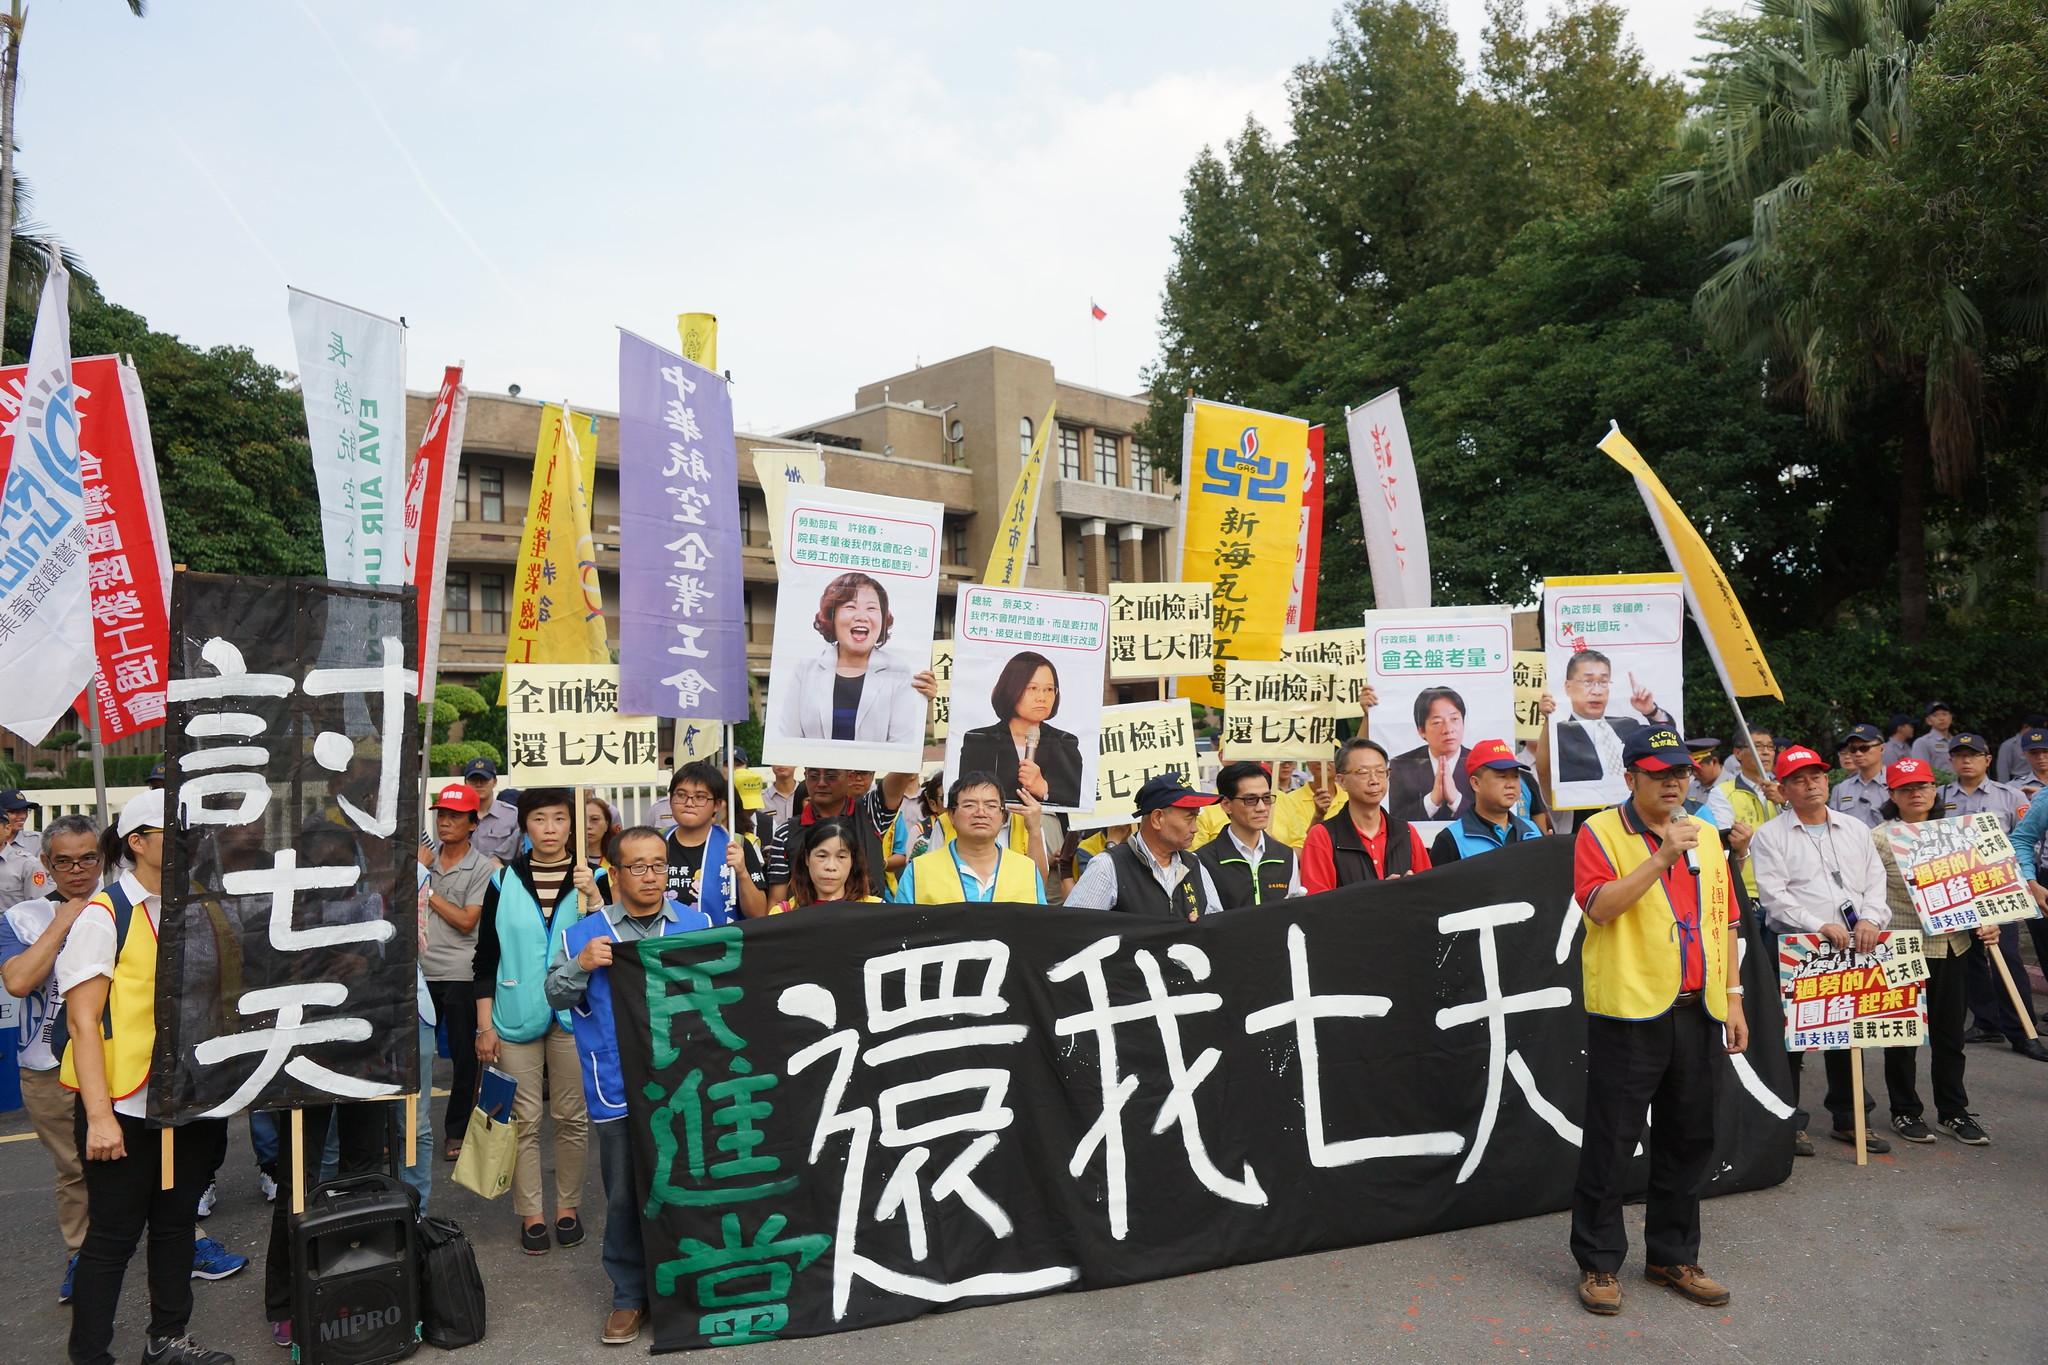 勞團在行政院前抗議,政院隨後強硬拒絕還假,勞團表示2020民進黨必會再輸一次。(攝影:王顥中)